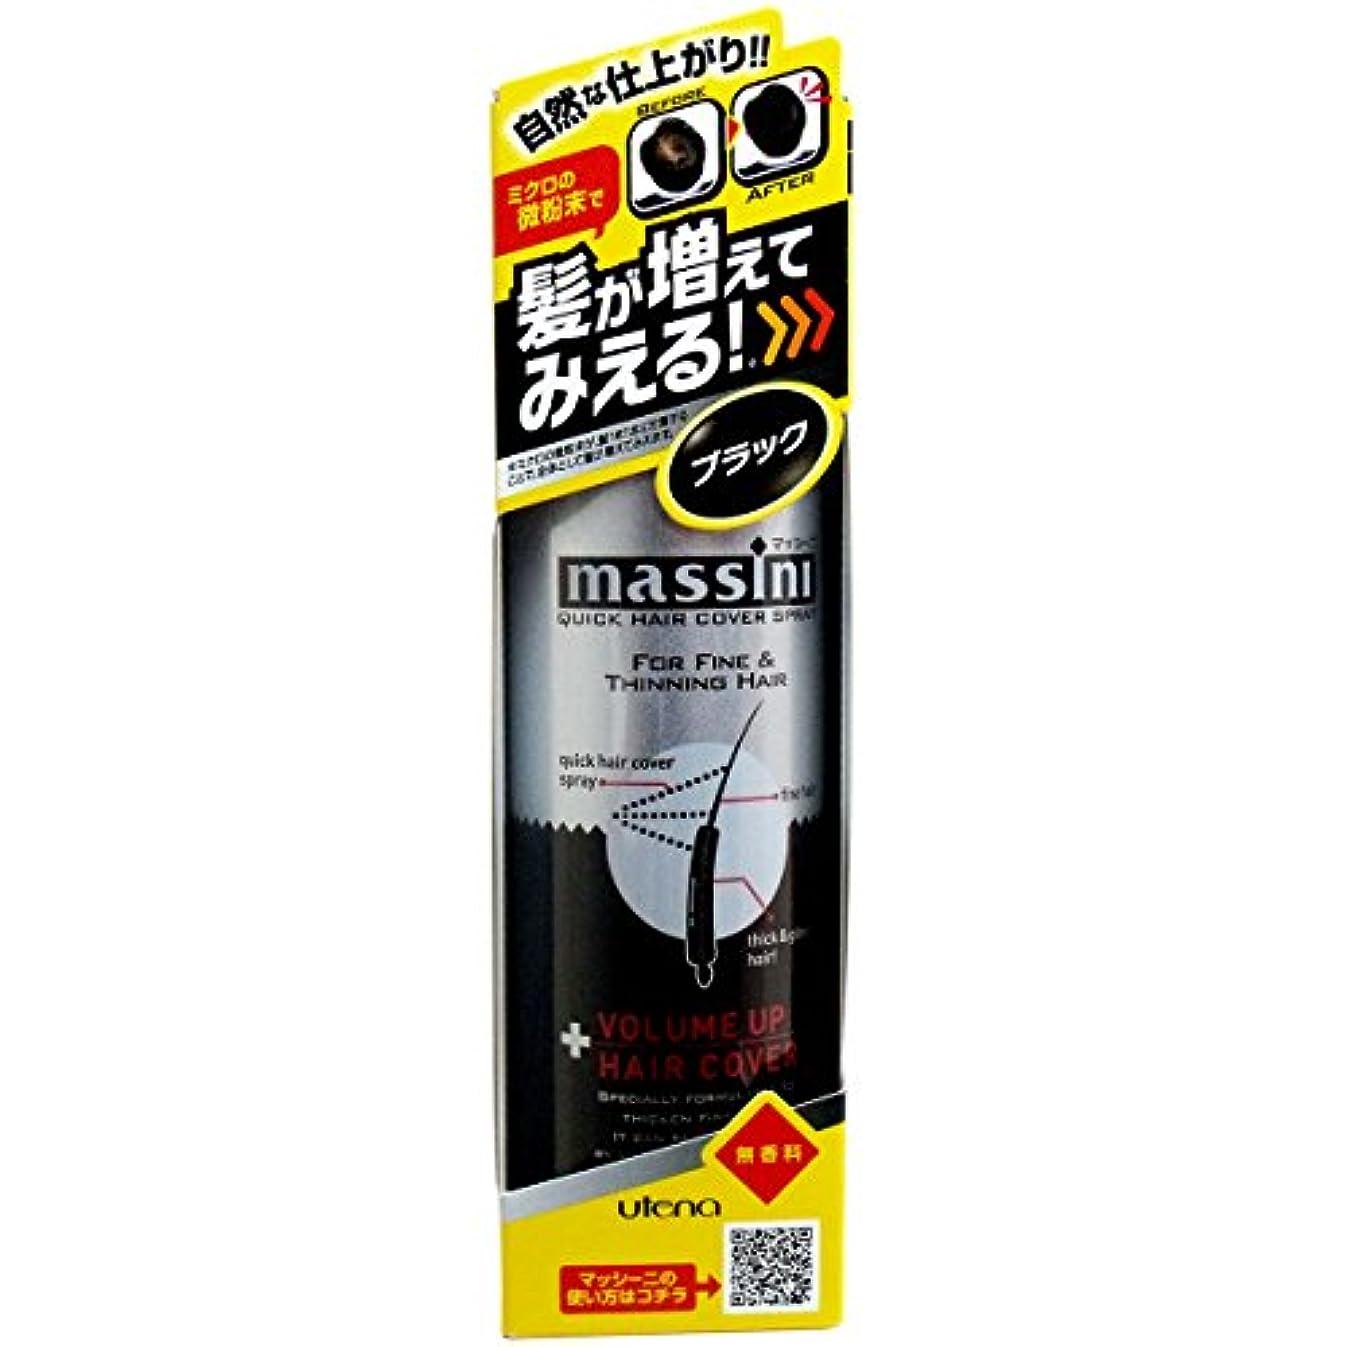 自殺呼吸航空機【ウテナ】マッシーニ クィックヘアカバースプレー(ブラック) 140g ×5個セット